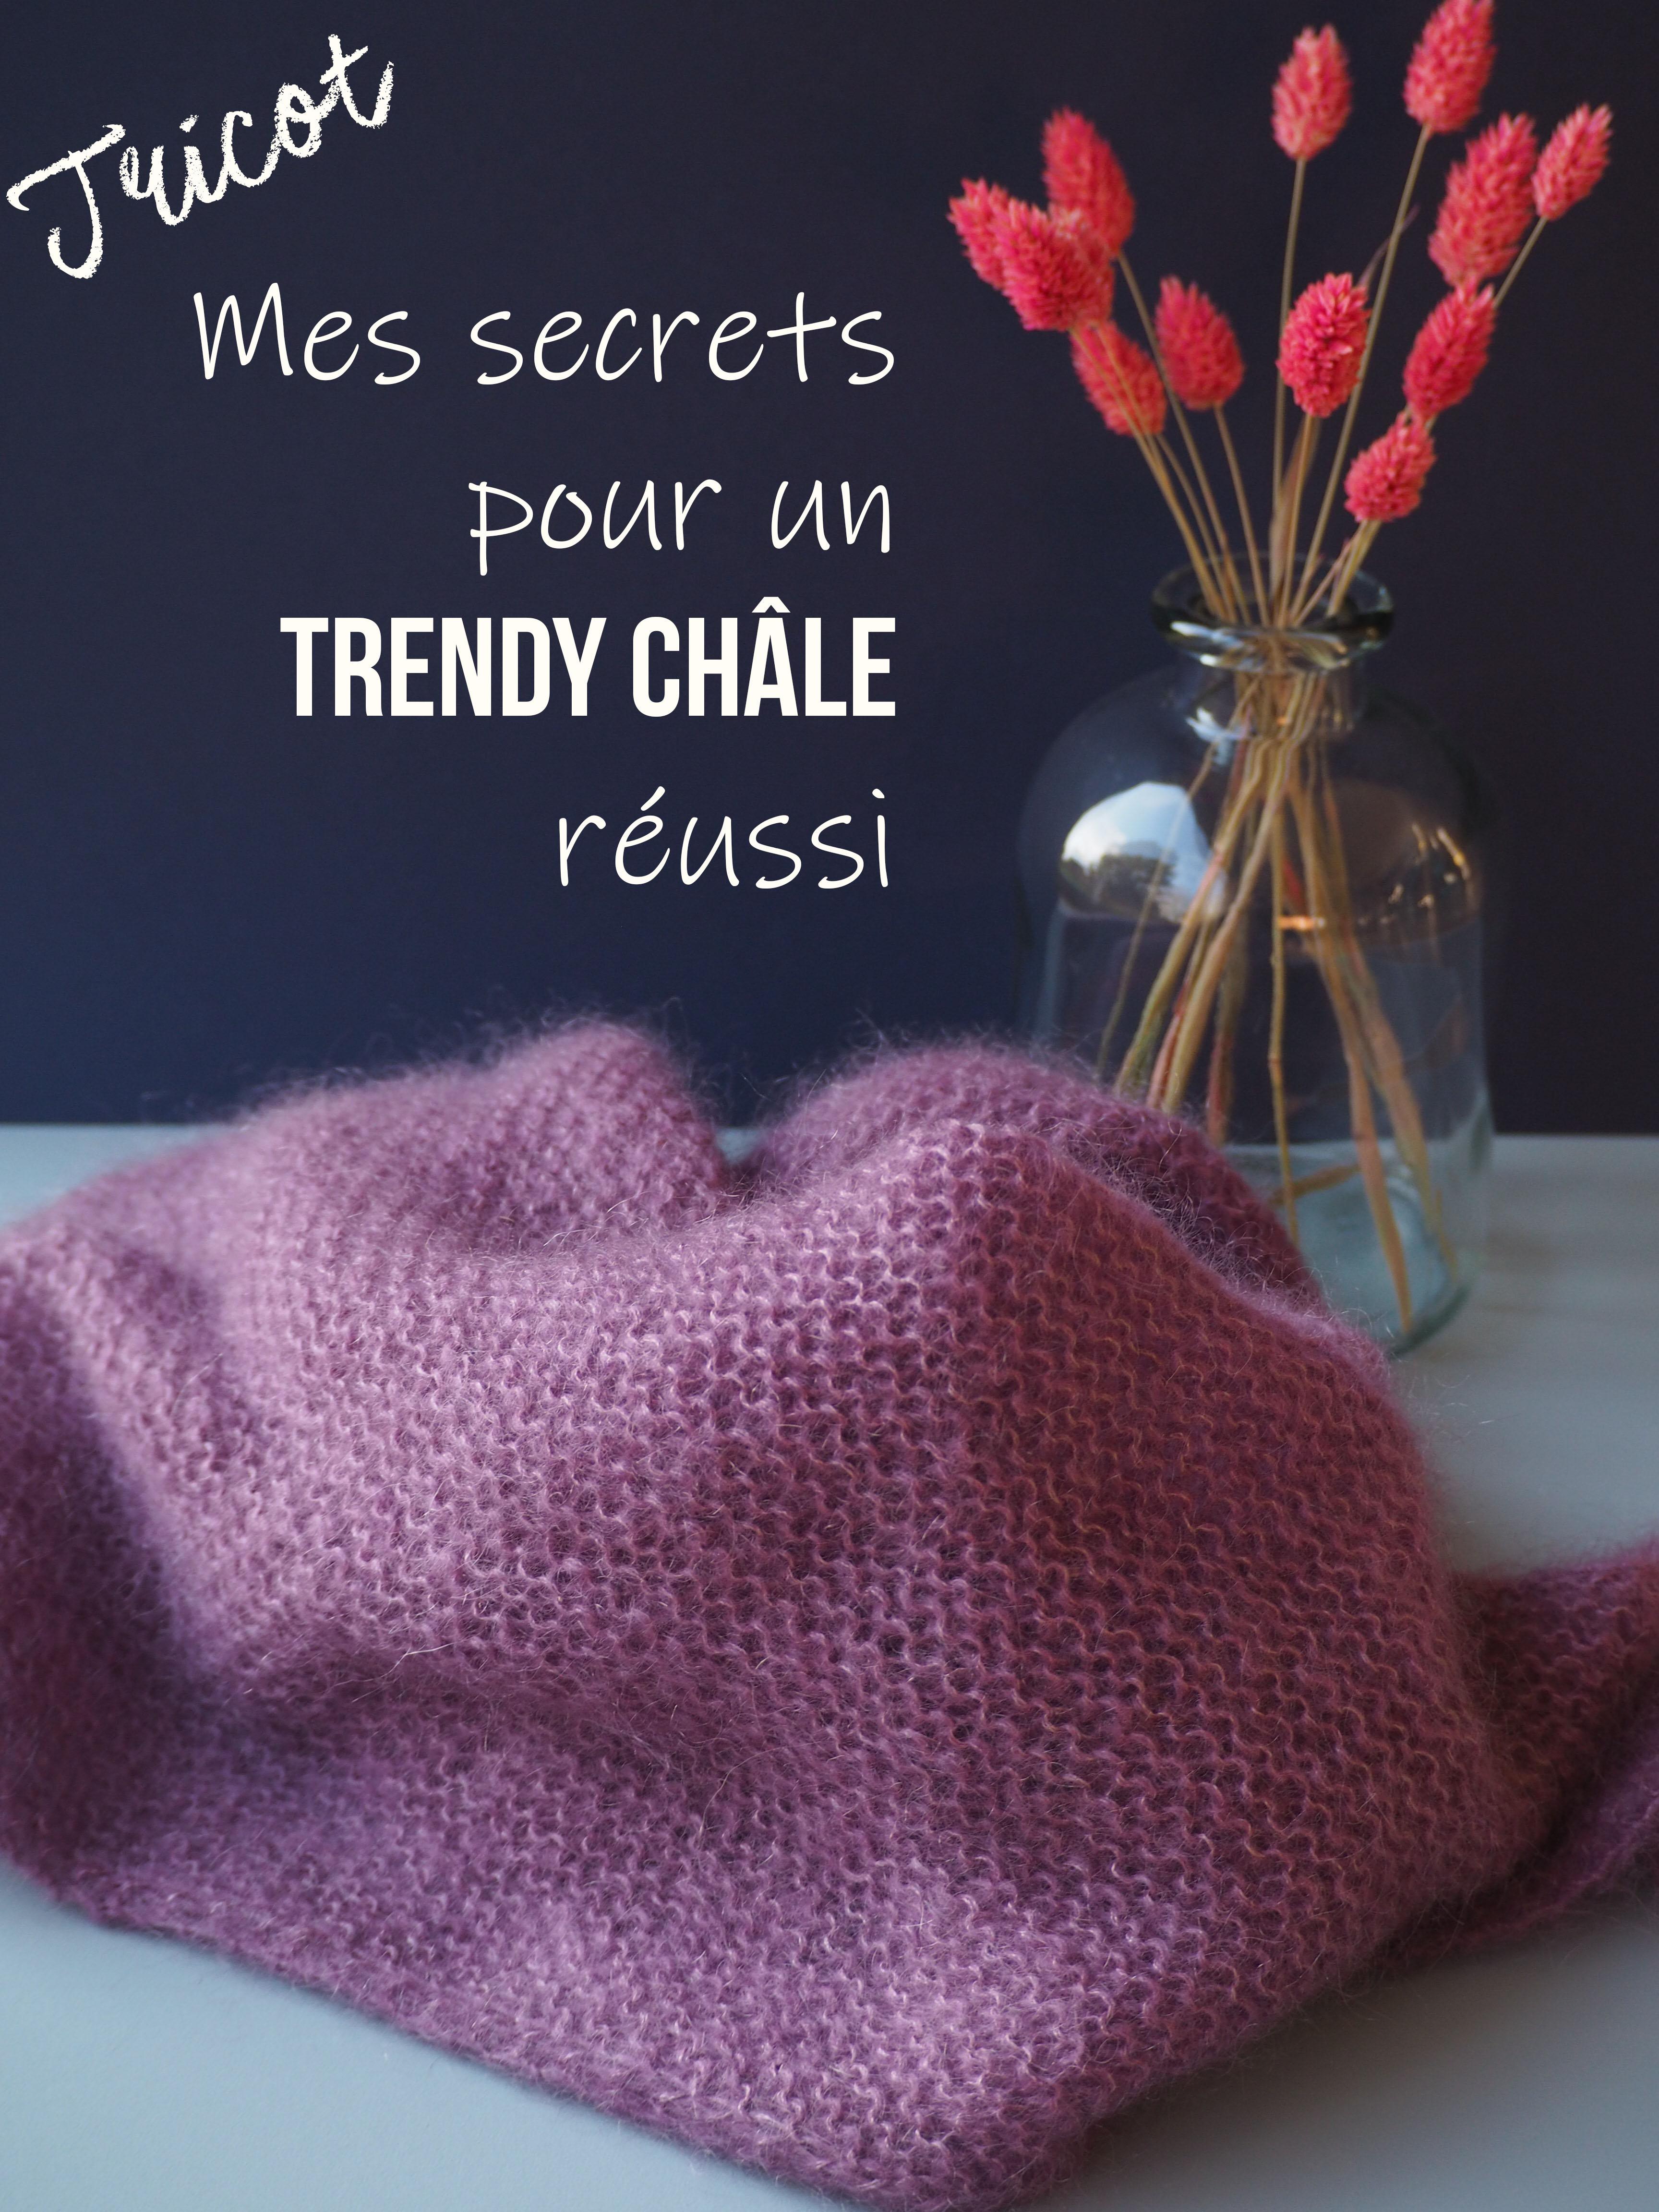 Tuto Tricot Les Secrets Pour Un Trendy Chale Reussi Caro Tricote